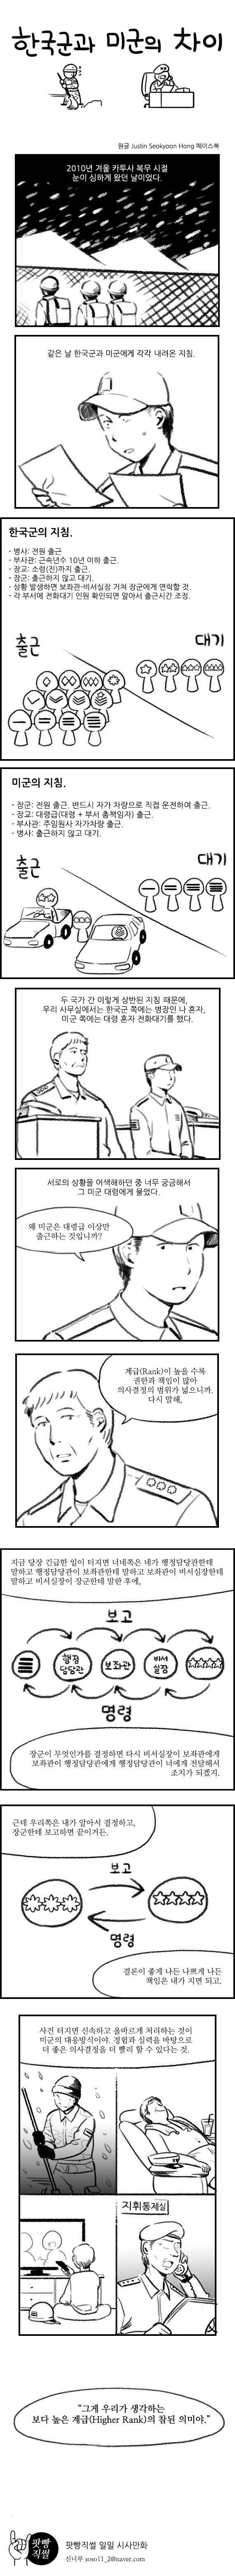 한국군과 미군의 의식 차이 | Daum 루리웹